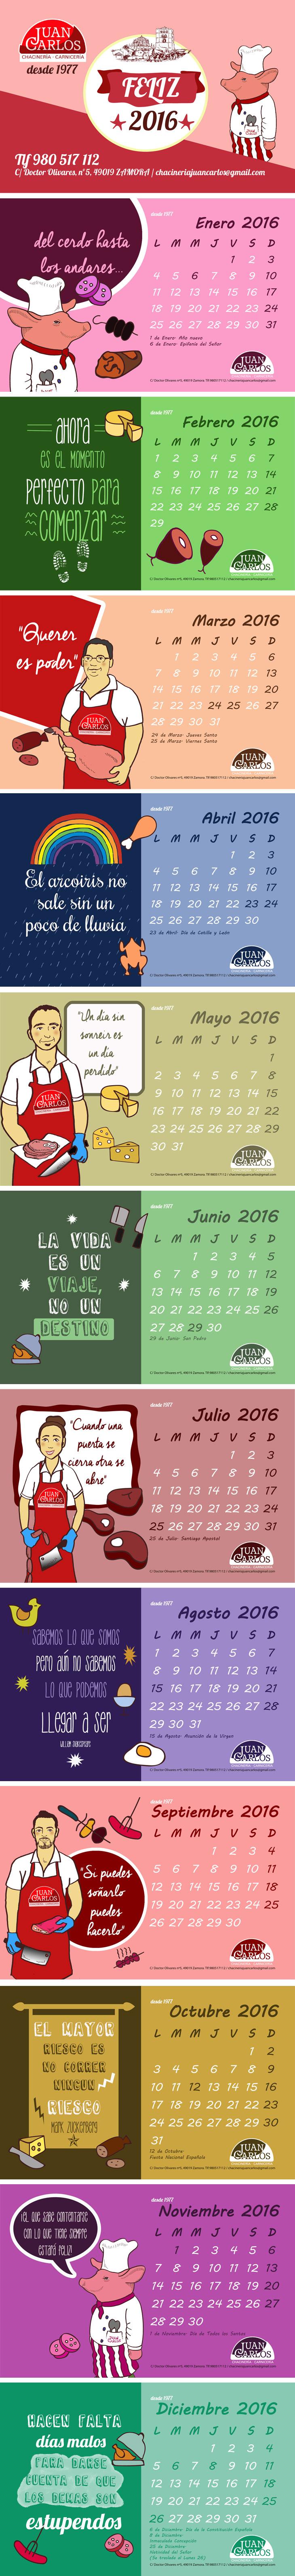 calendariochacin